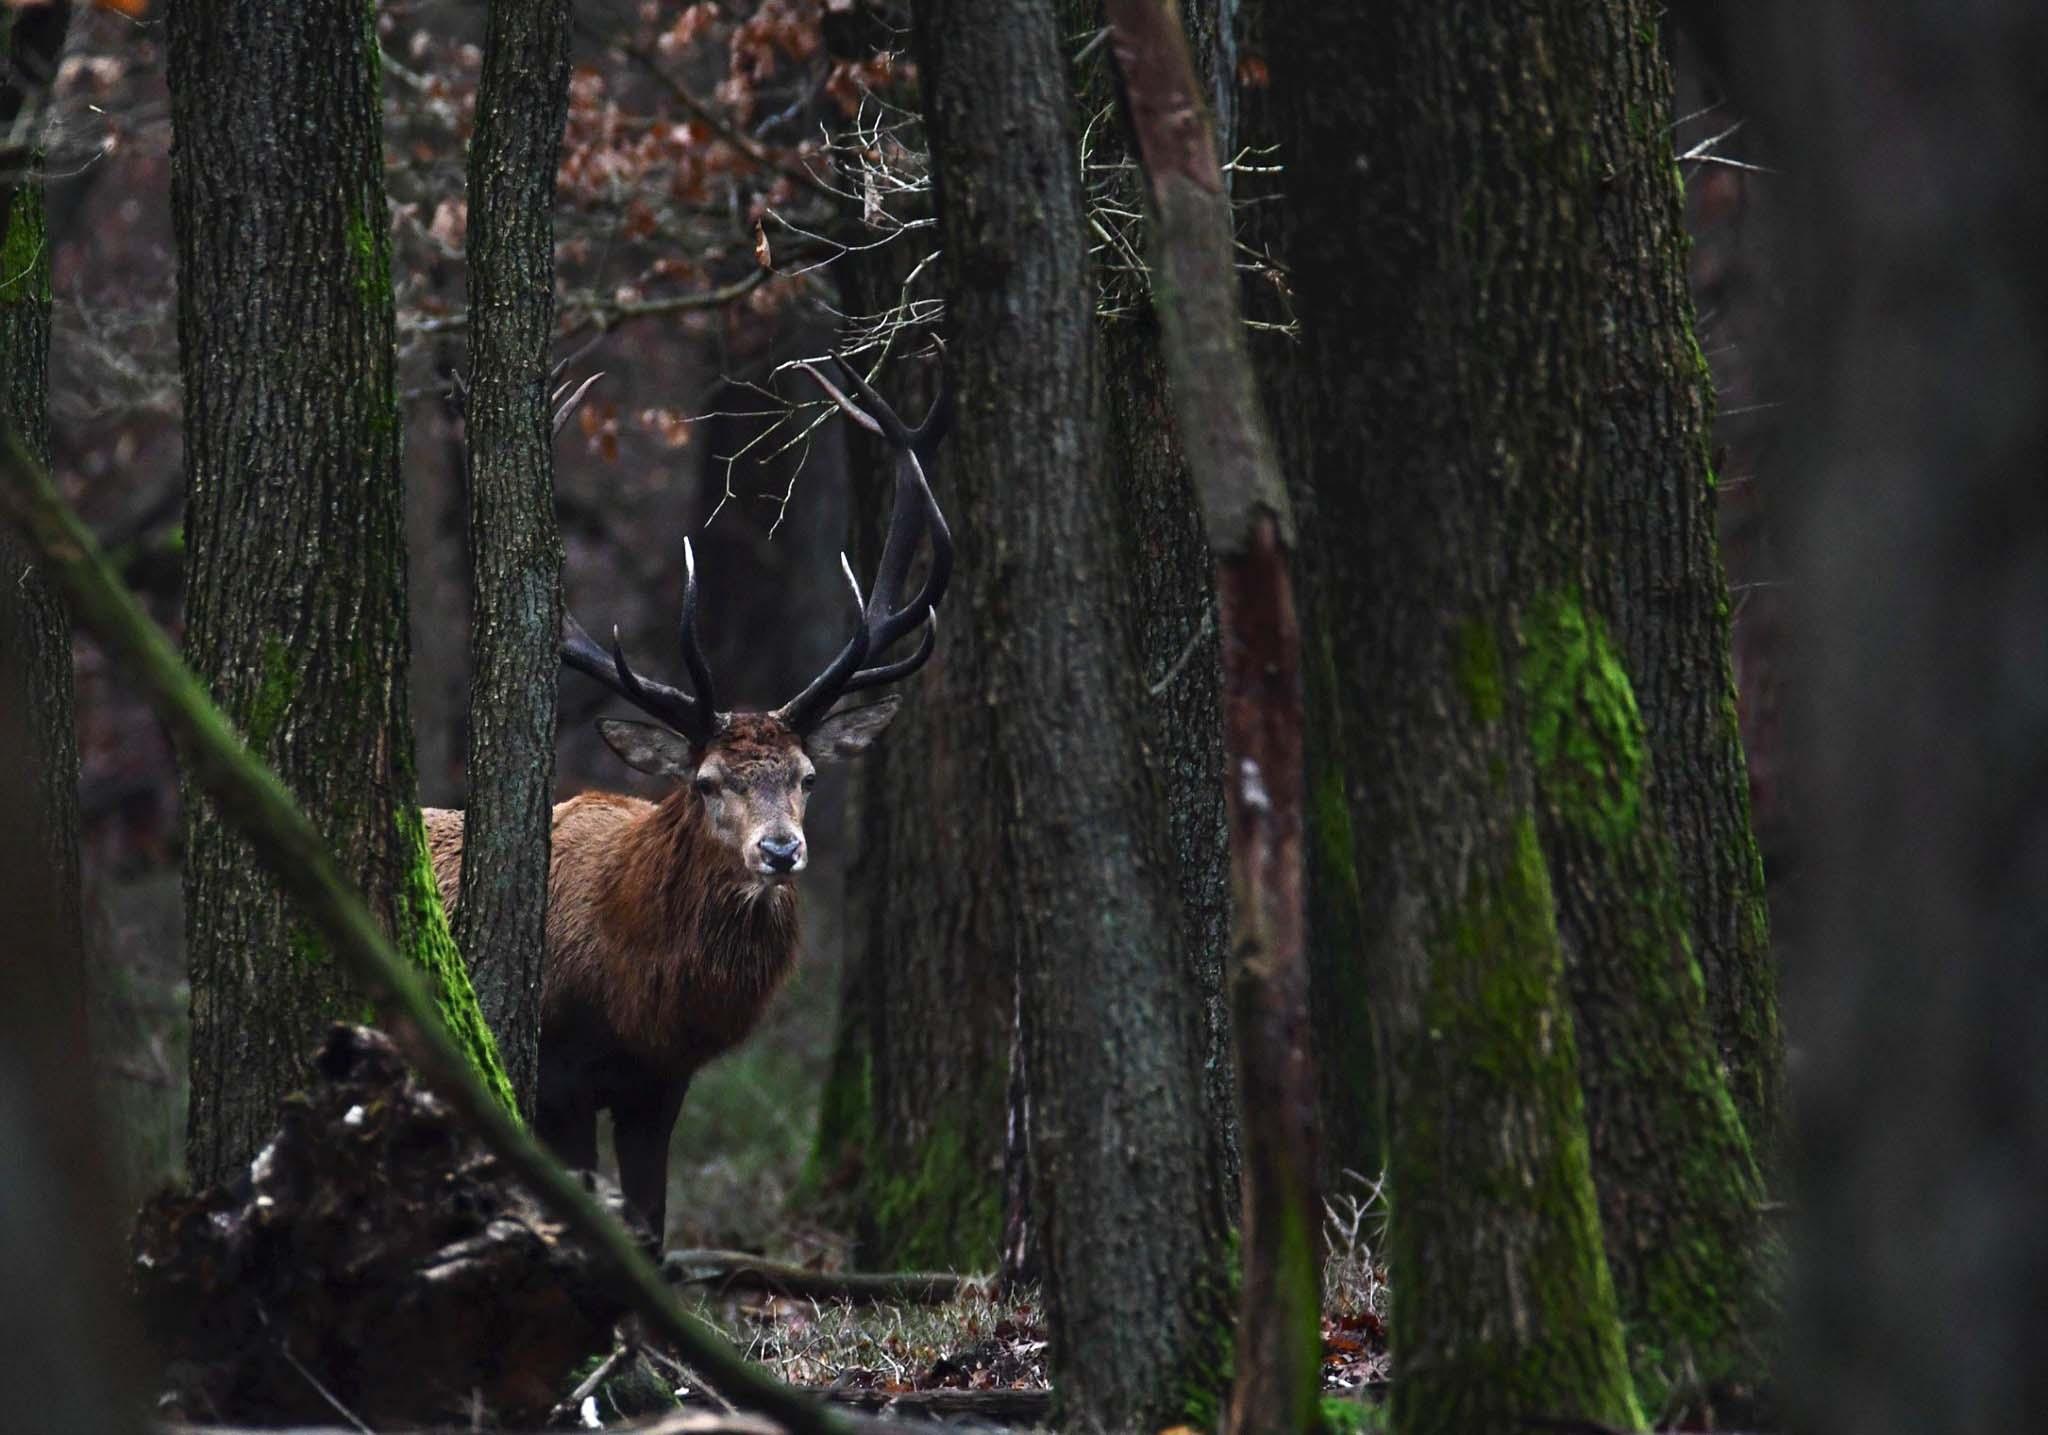 Hubertus nog net zichtbaar tussen de 'wirwar' van bomen - Foto: ©Nel Vlieland